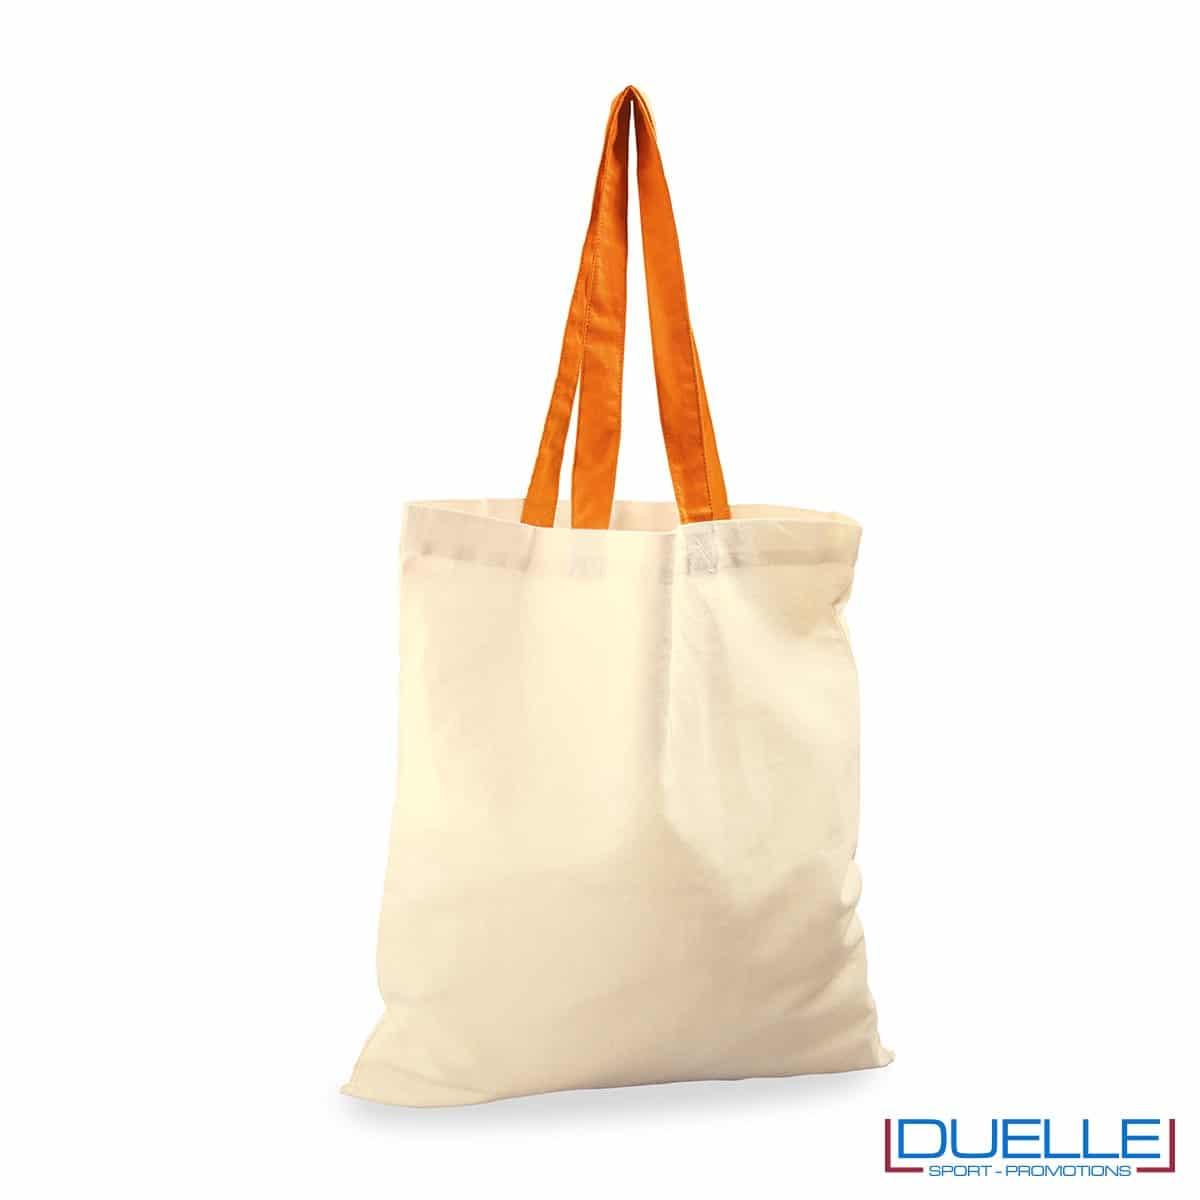 Shopper personalizzata in cotone con manici arancione